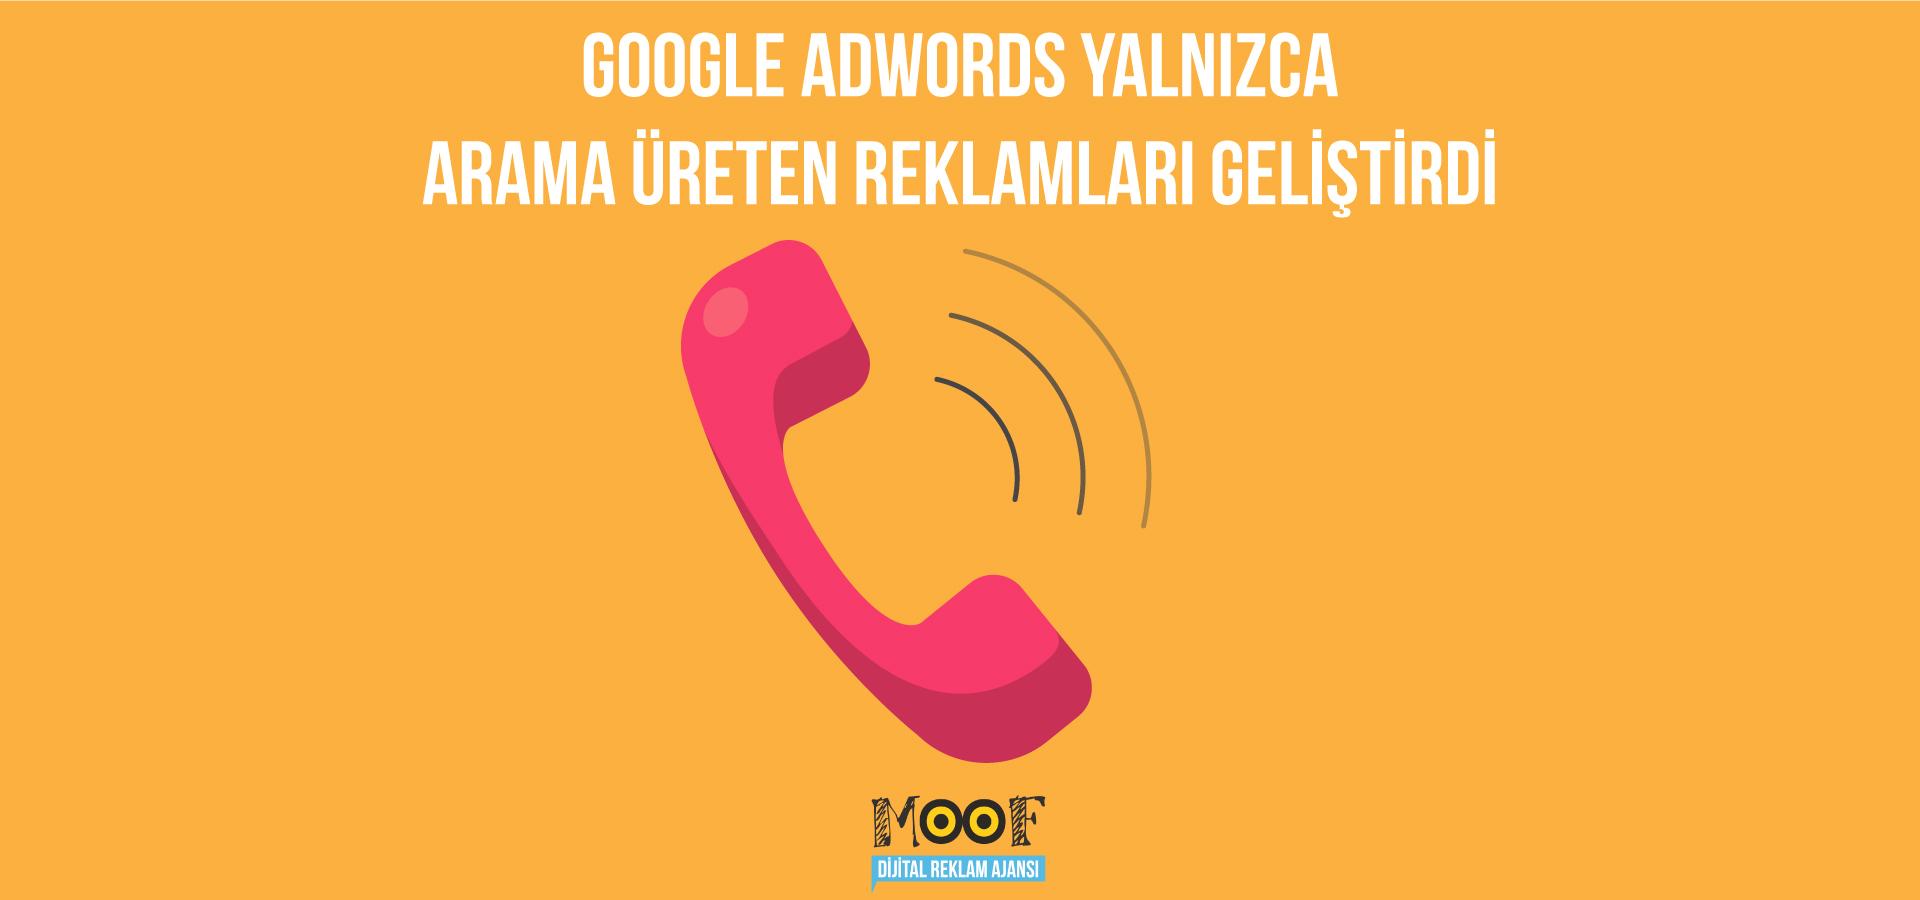 Google Adwords Yalnızca Arama Üreten Reklamları Geliştirdi